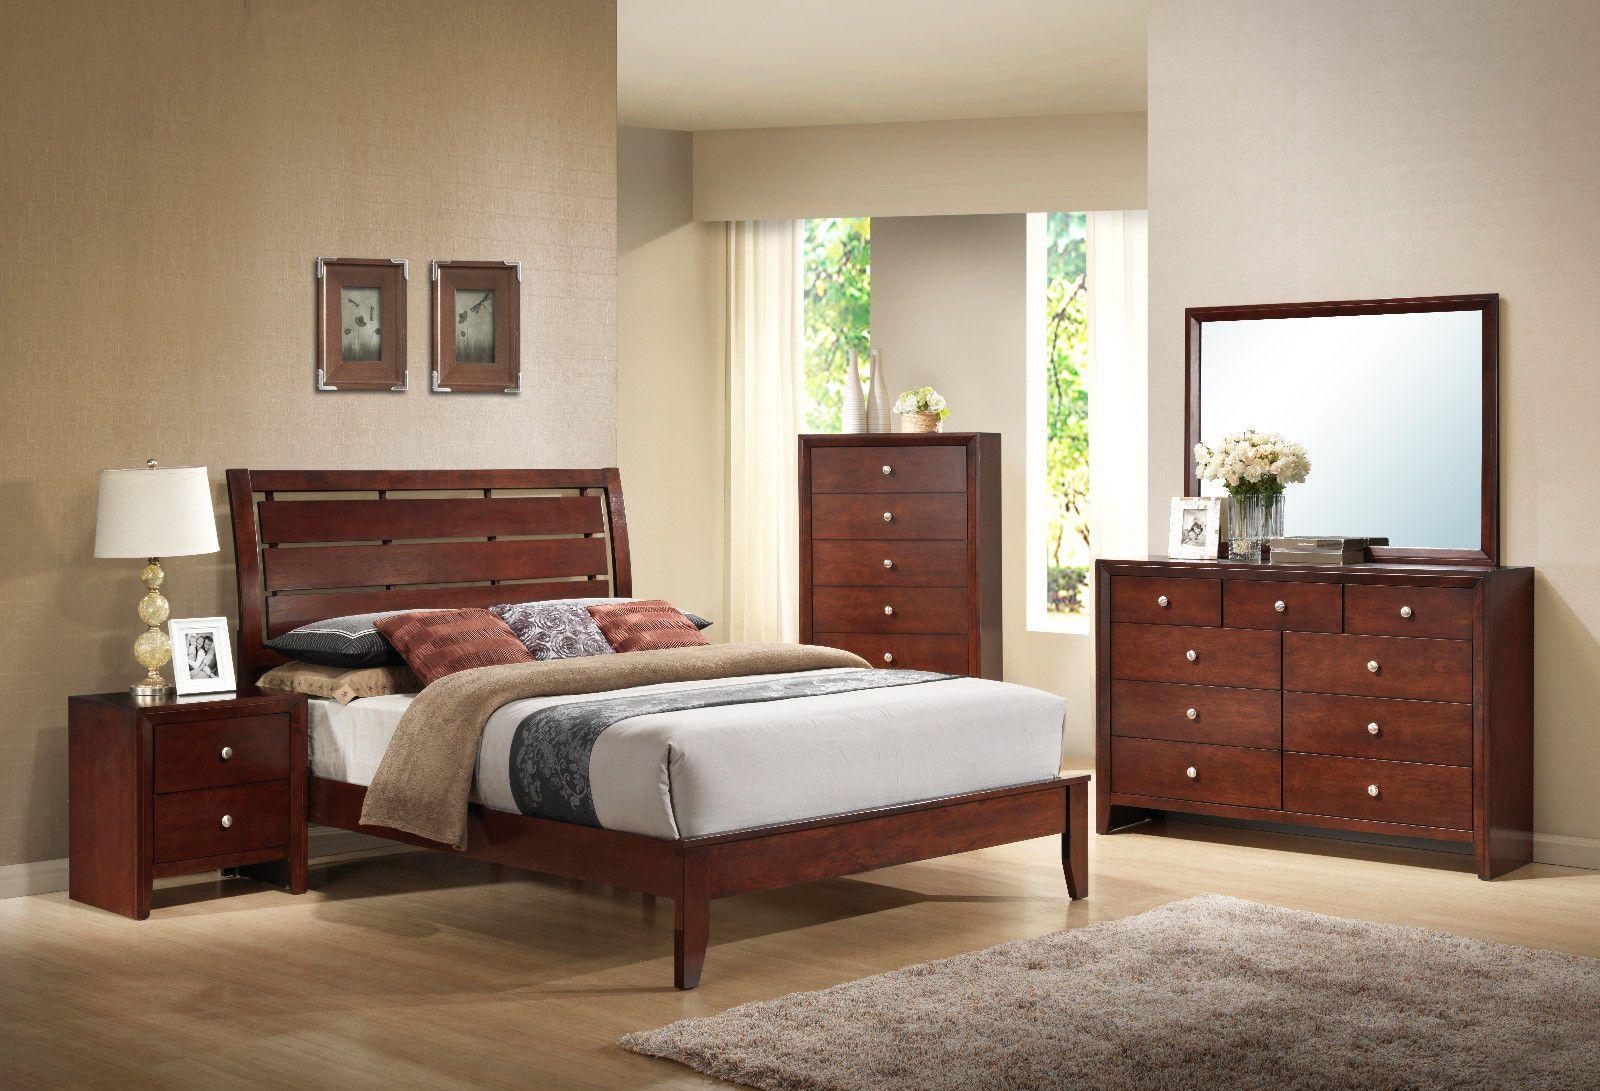 Inspirierend Schlafzimmer Klein Das Beste Von Praktisch Costco Möbel